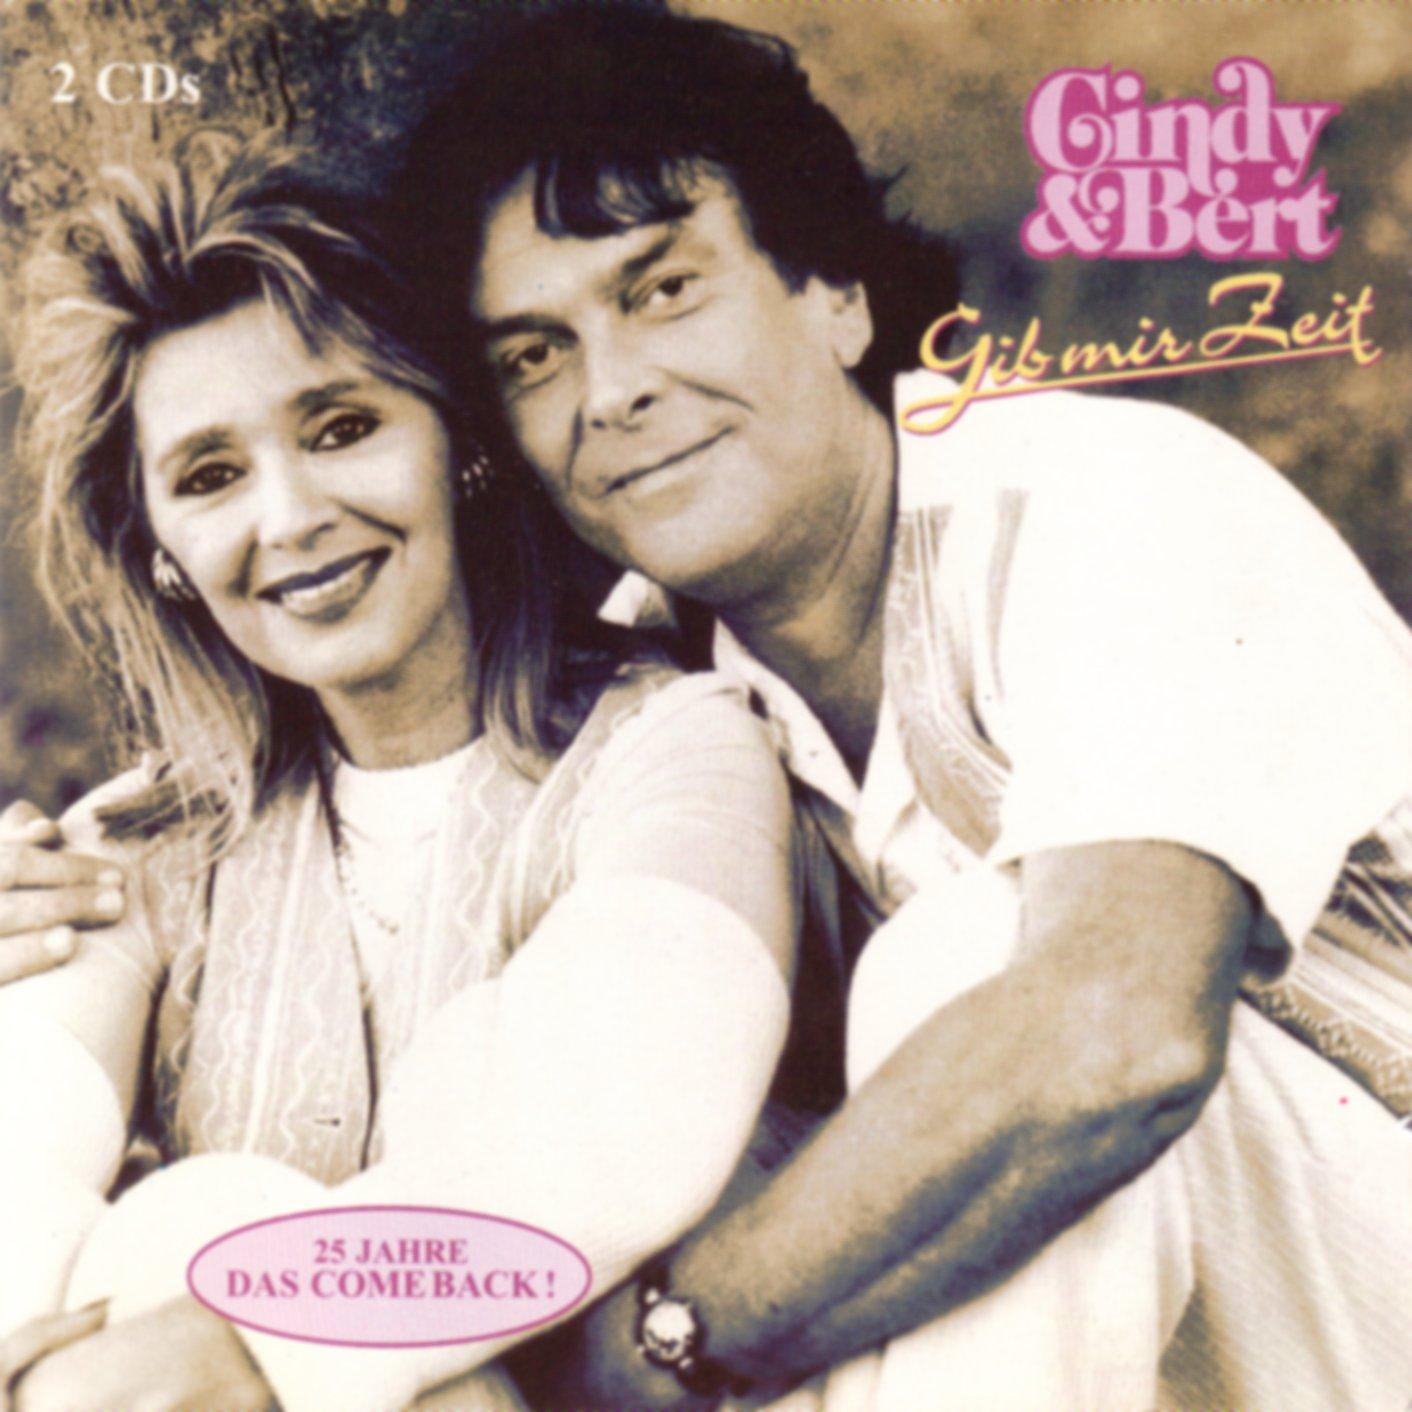 Cindy & Bert - Gib mir Zeit - hitparade.ch